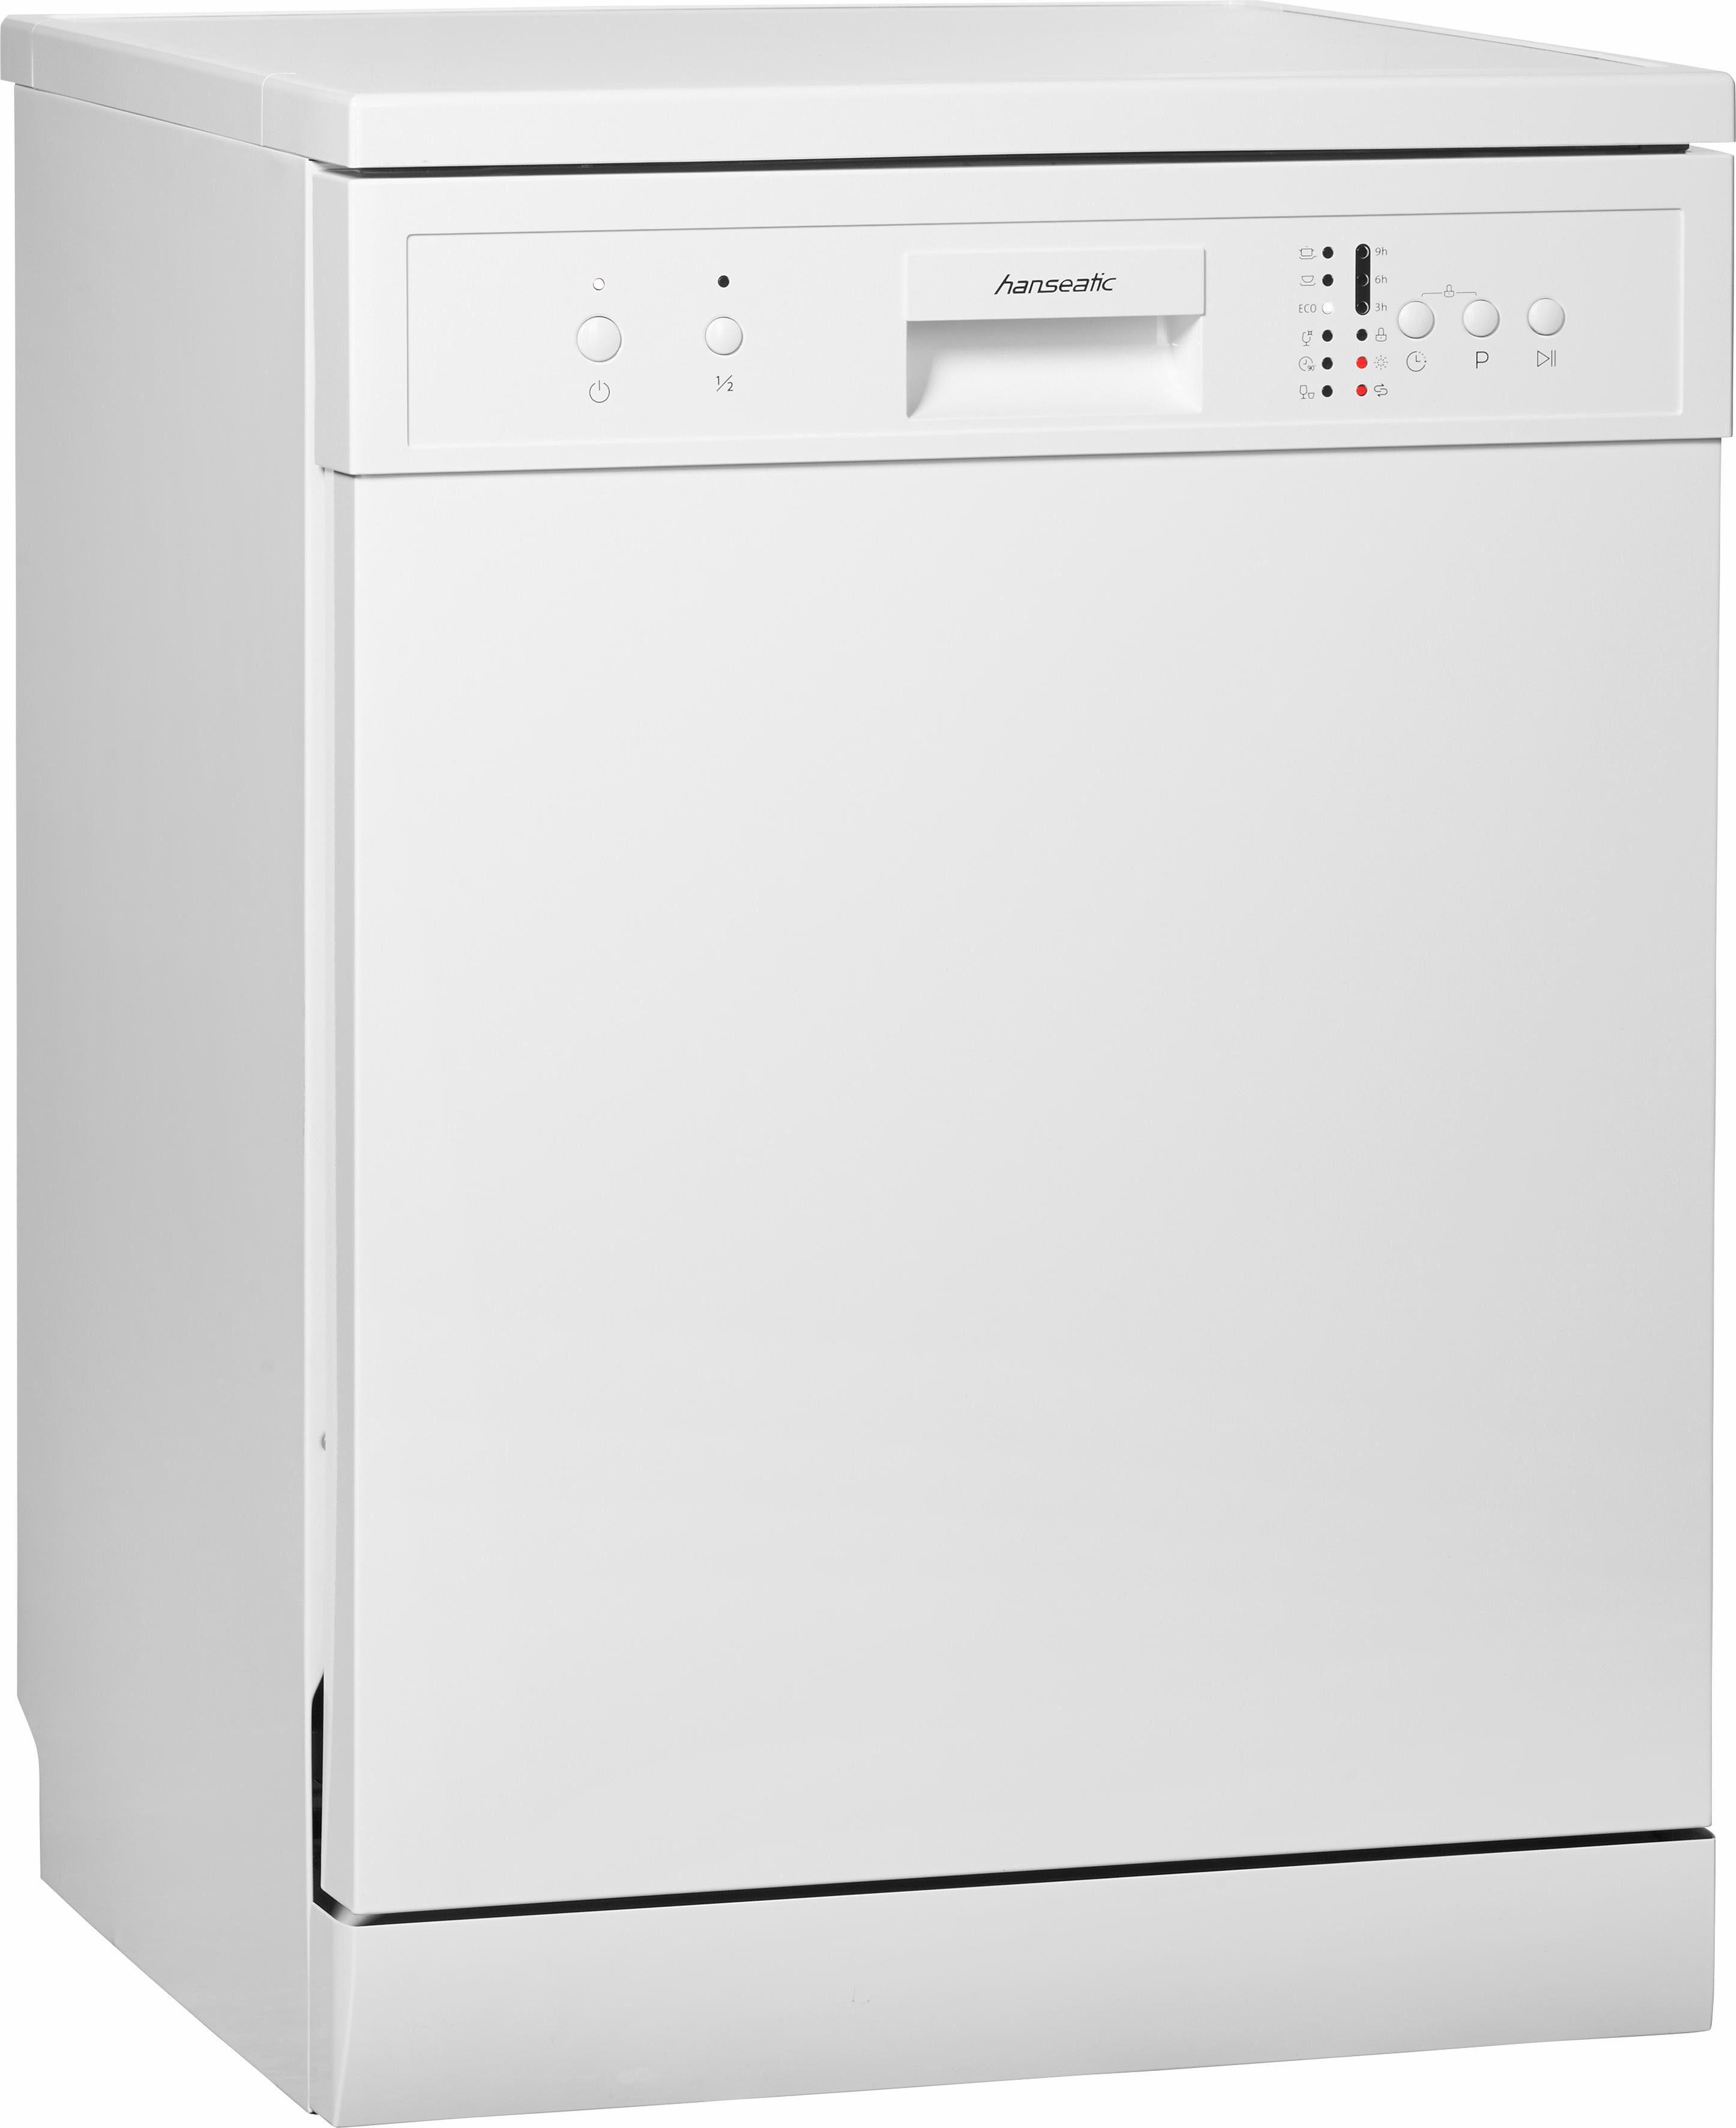 Hanseatic Standgeschirrspüler, WQP12-7635 white, 11 l, 12 Maßgedecke, Energieeffizienzklasse A+